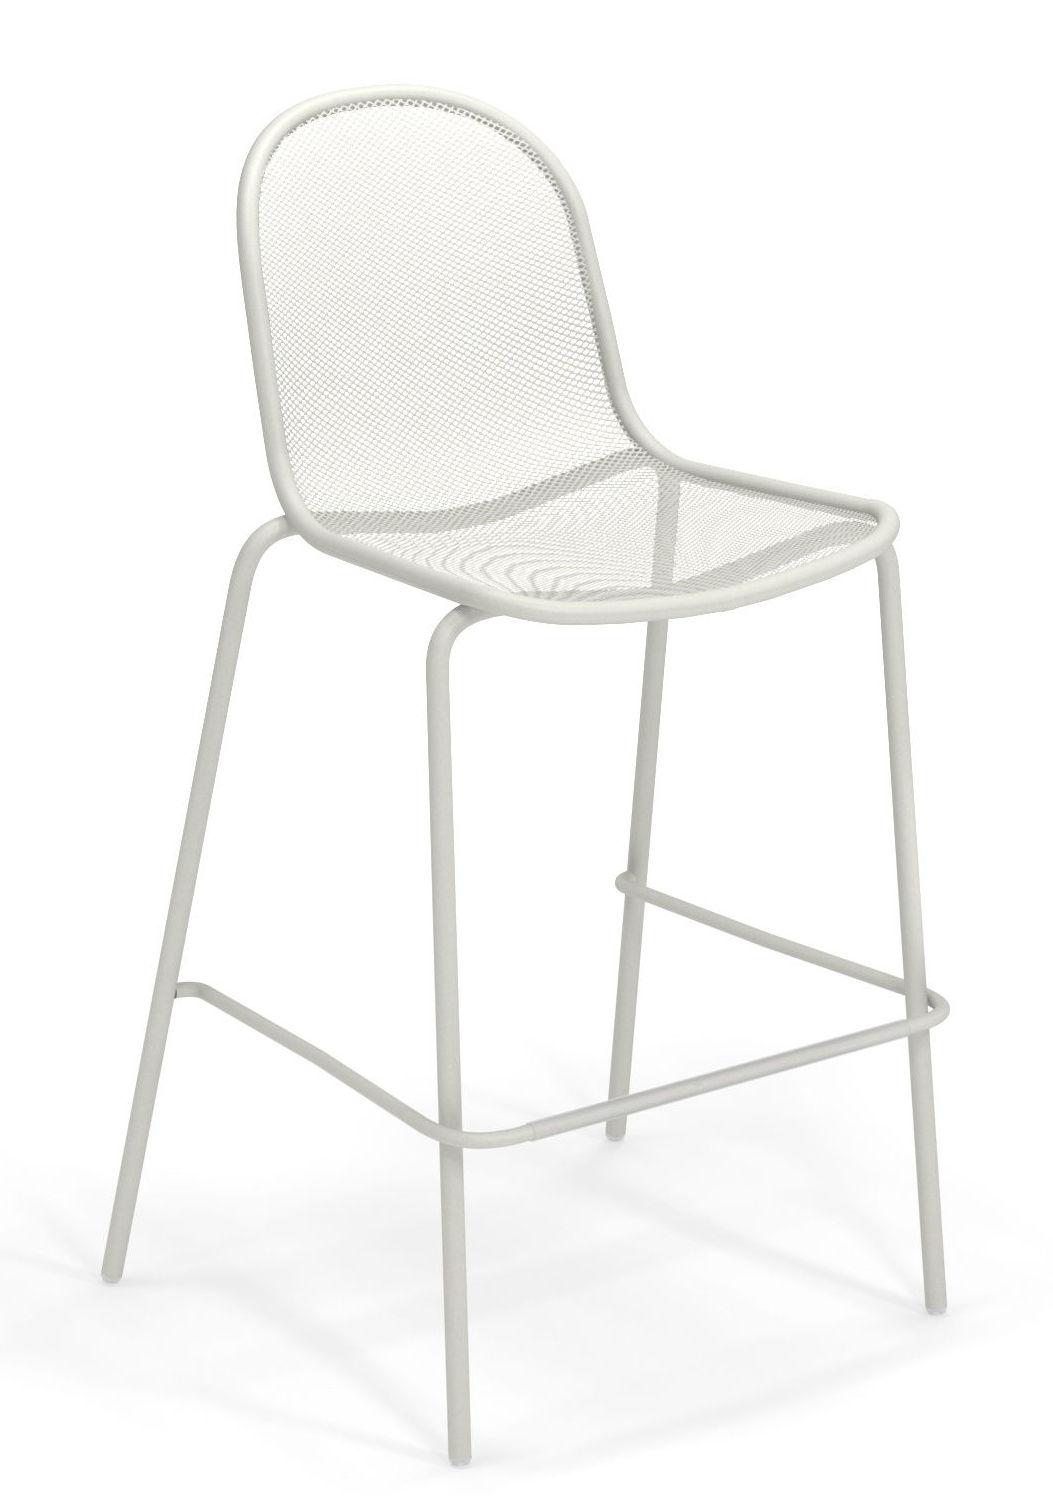 Mobilier - Tabourets de bar - Chaise de bar Nova / Métal - H 72 cm - Emu - Blanc - Acier verni